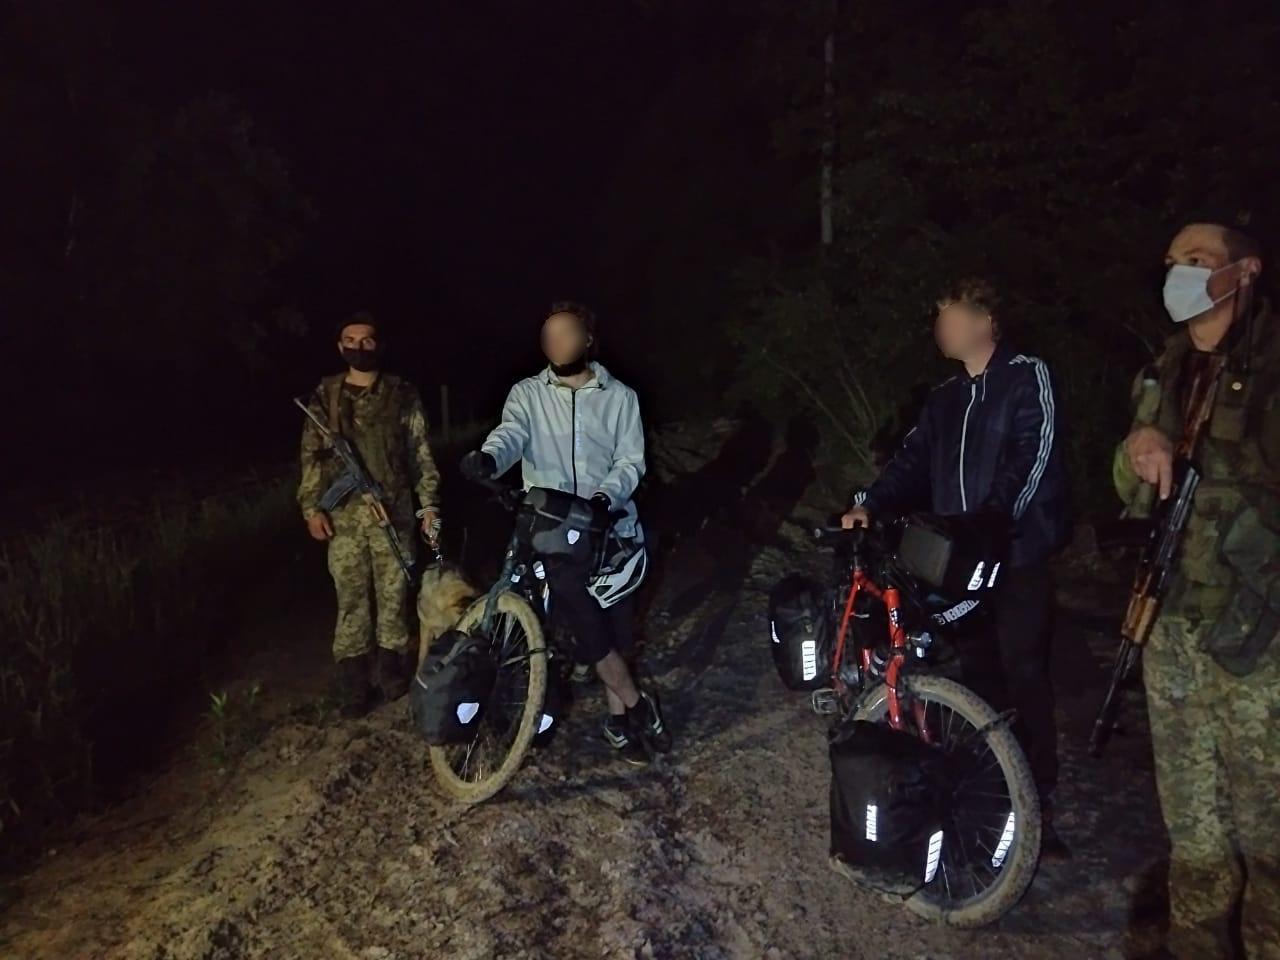 Фото — Государственная пограничная служба Украины.